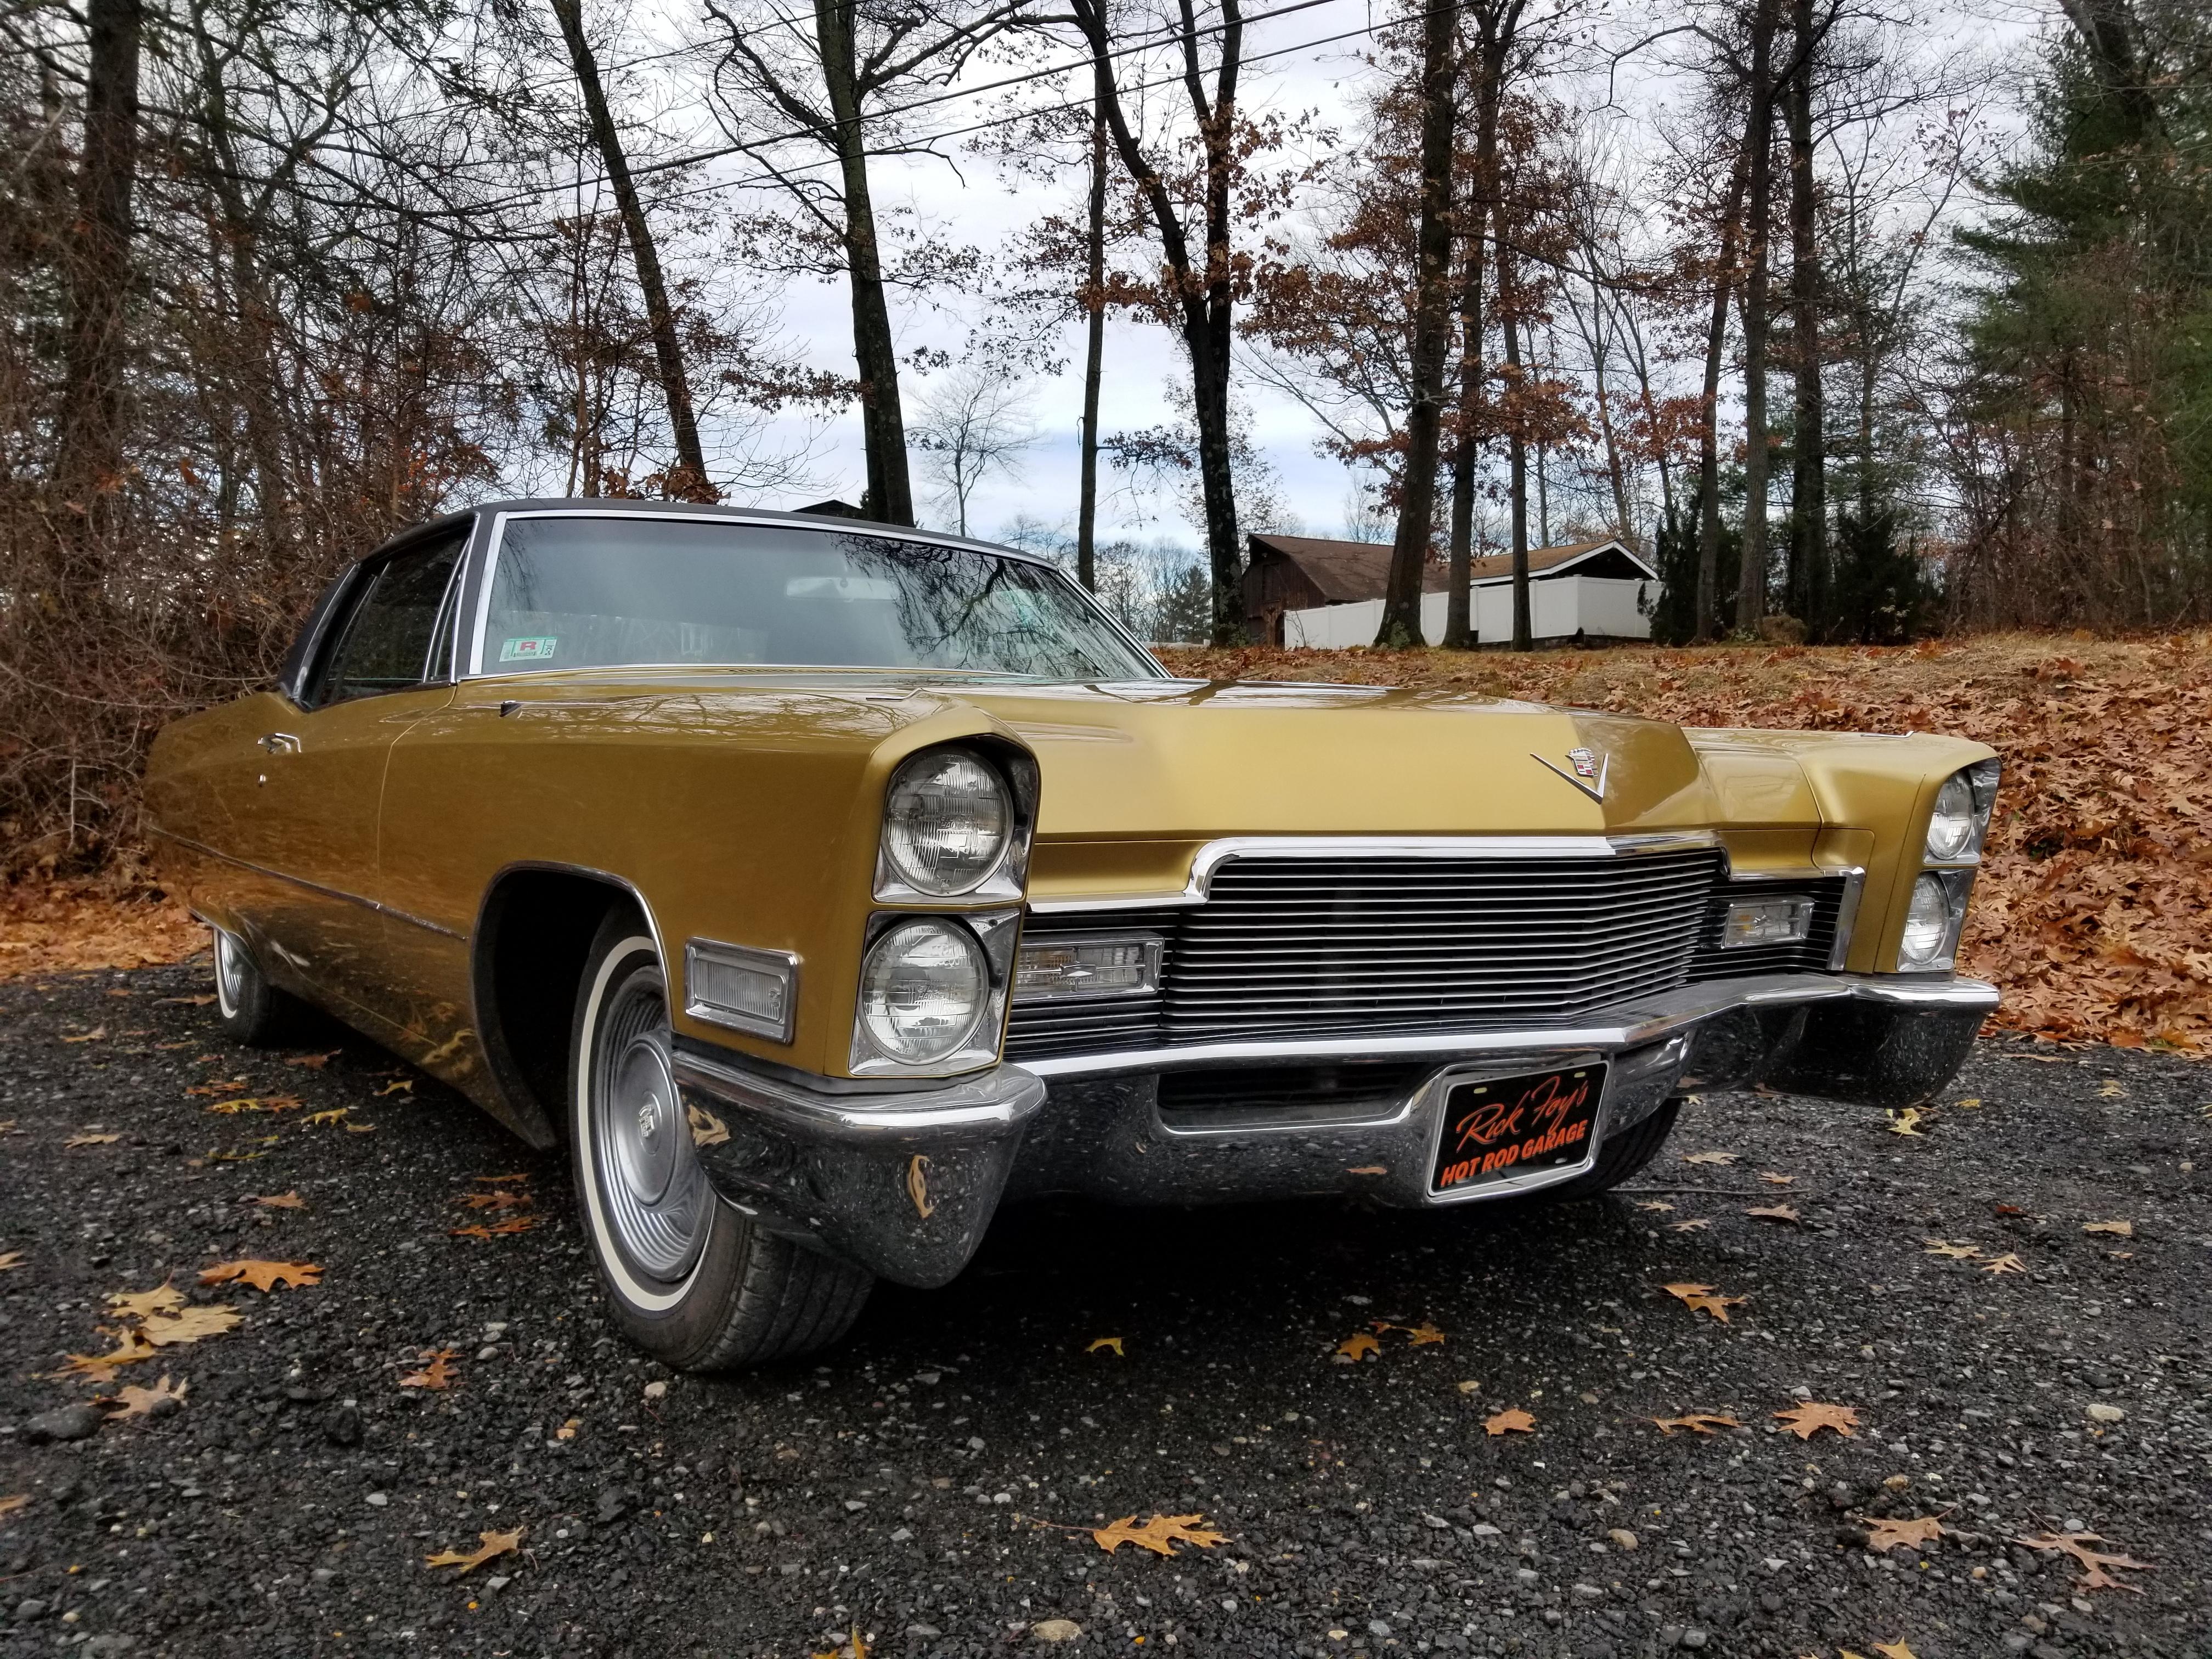 Cadillac Restoratin